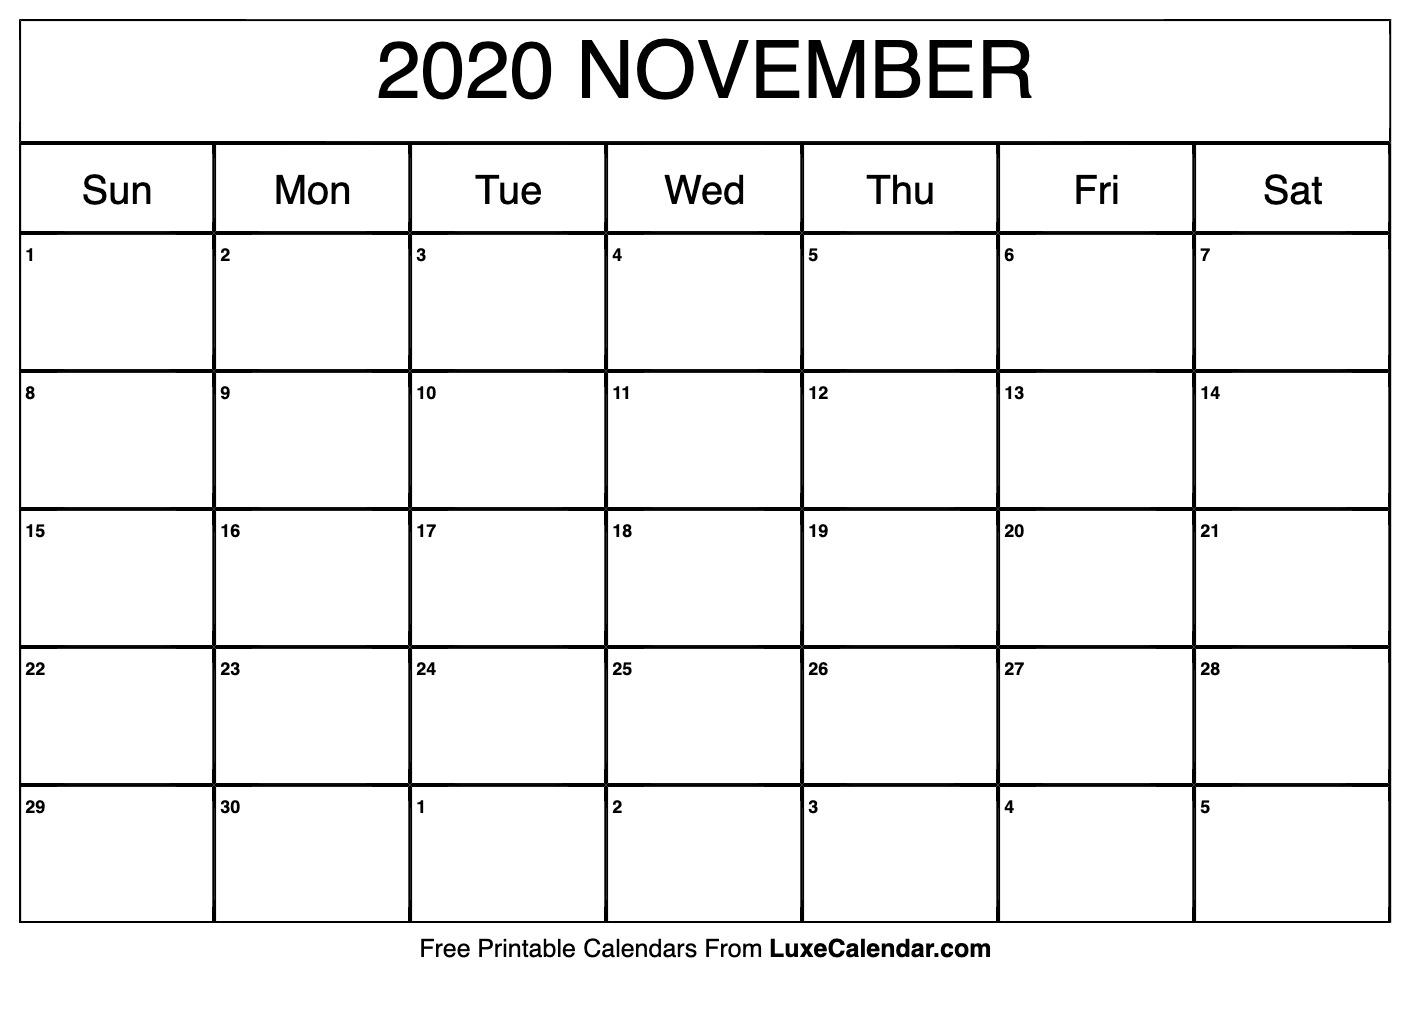 Blank November 2020 Calendar Printable - Luxe Calendar